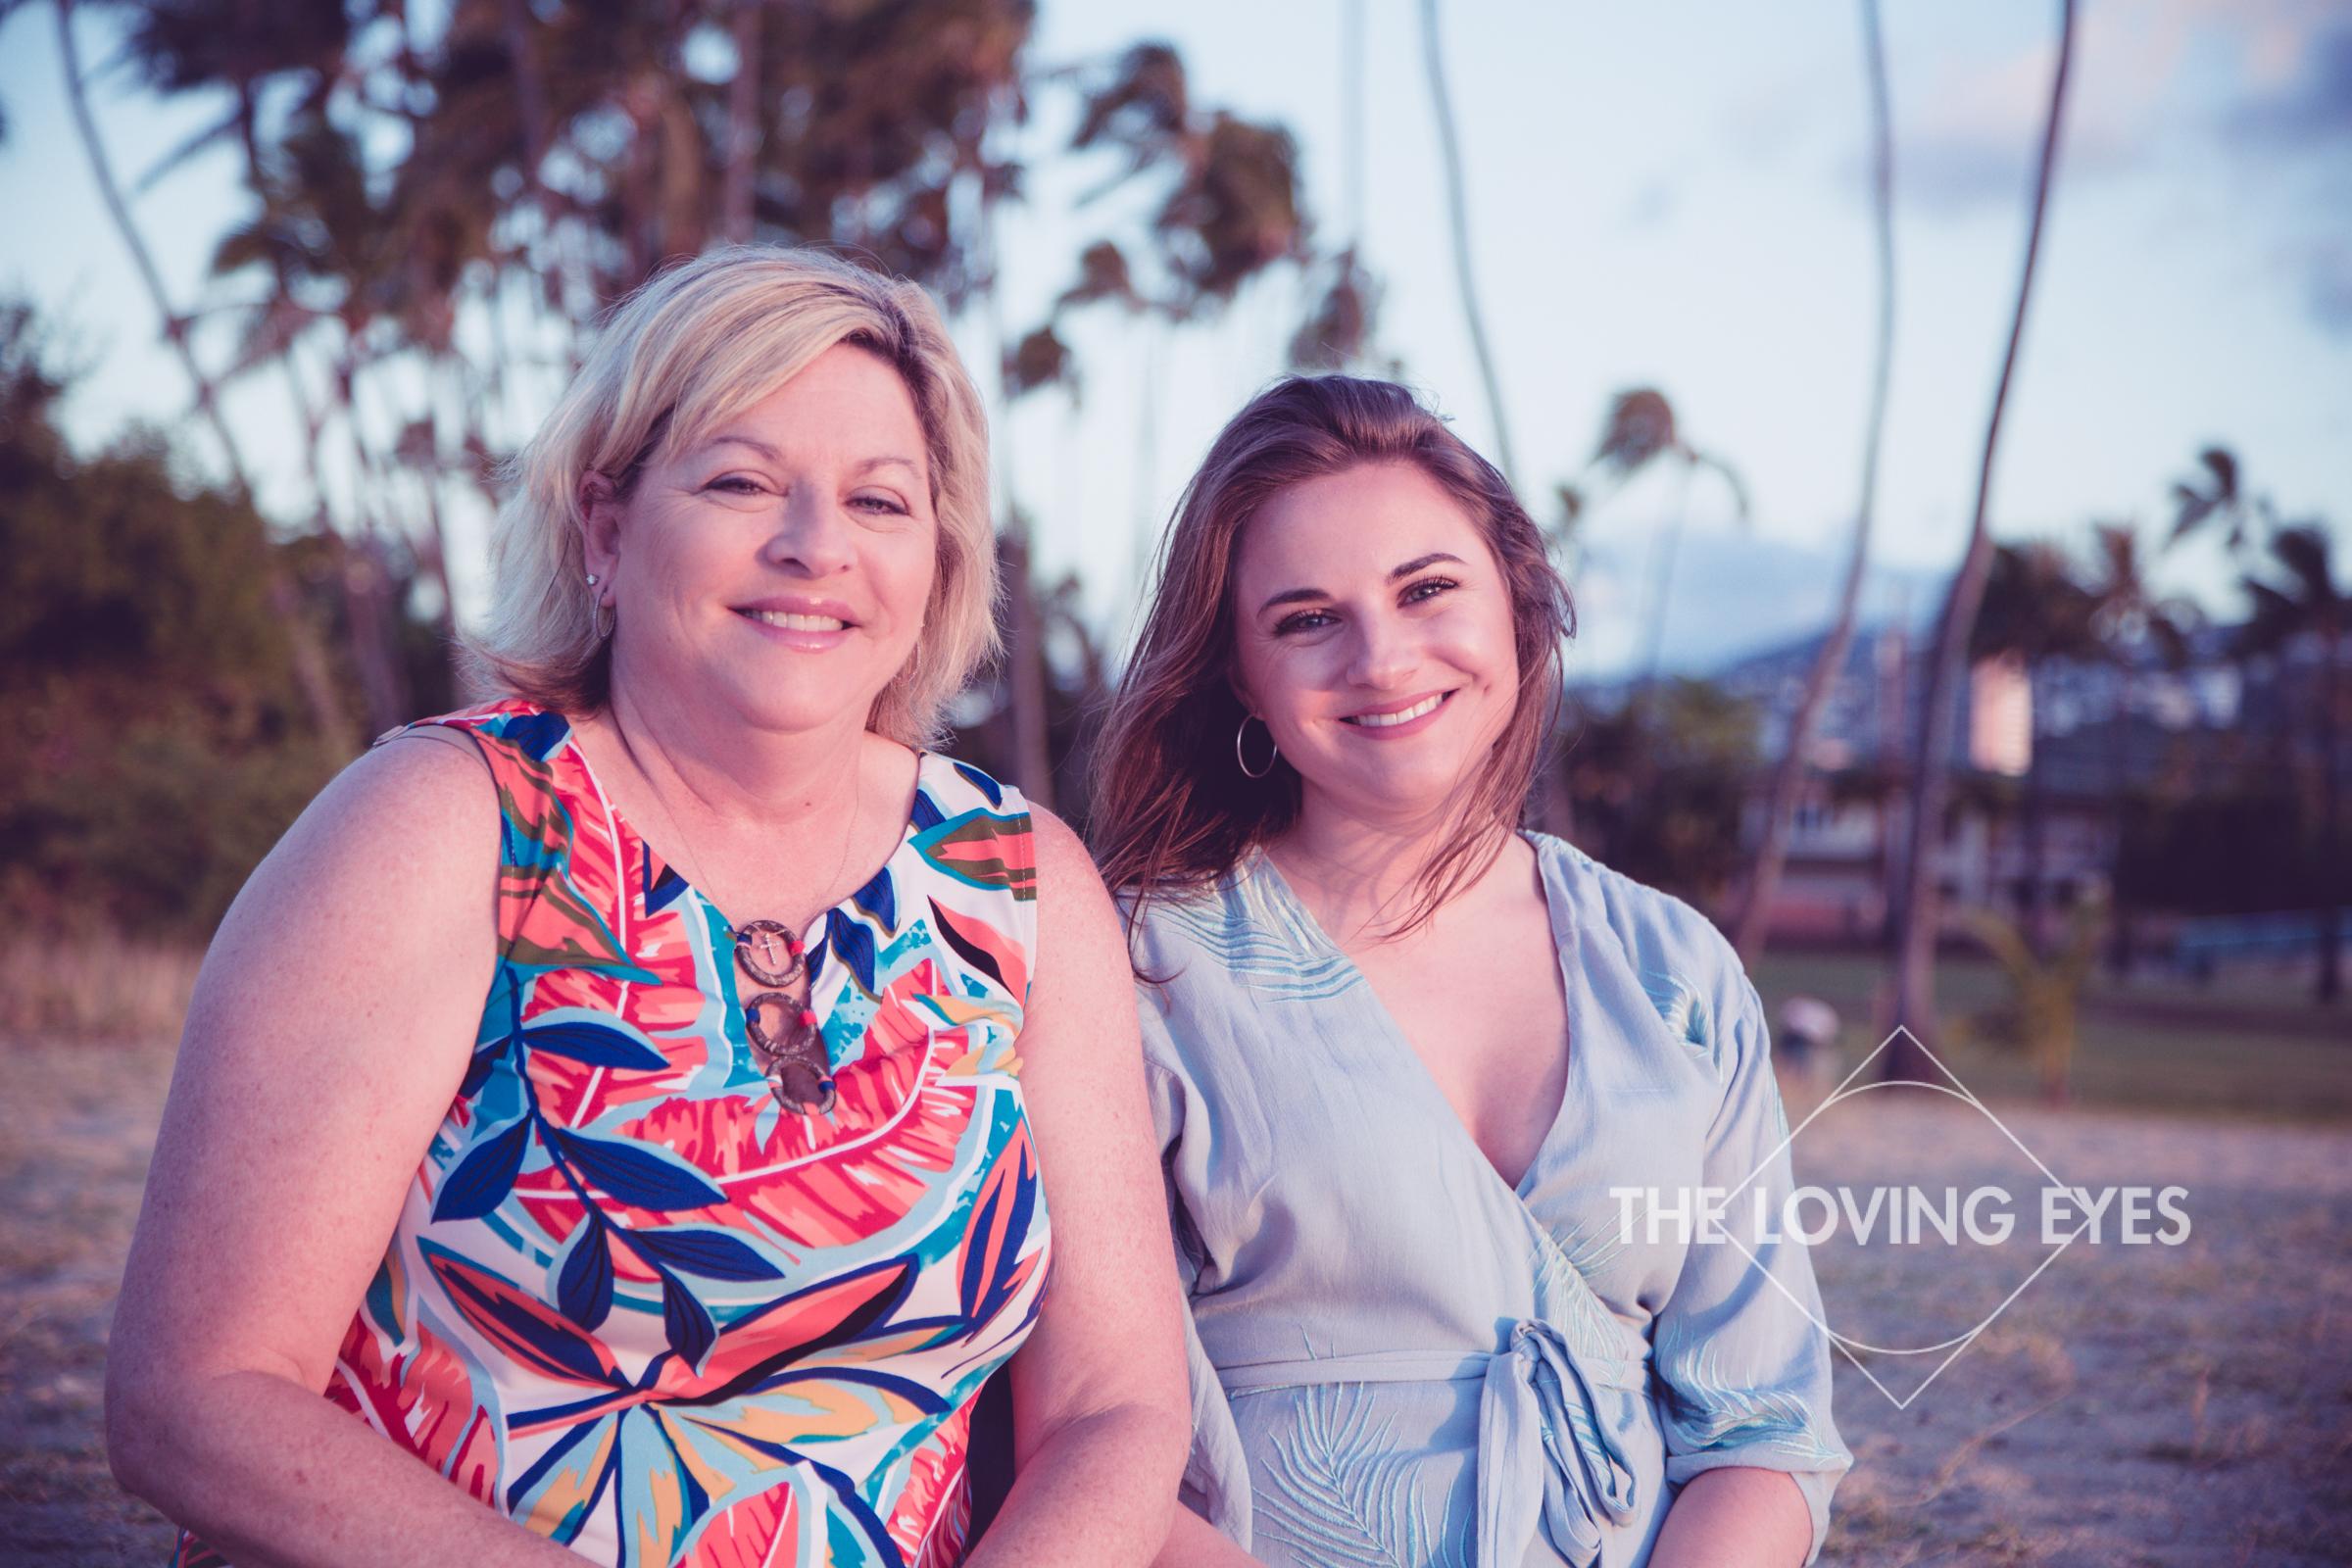 Hawaii-family-vacation-beach-photo-4.jpg